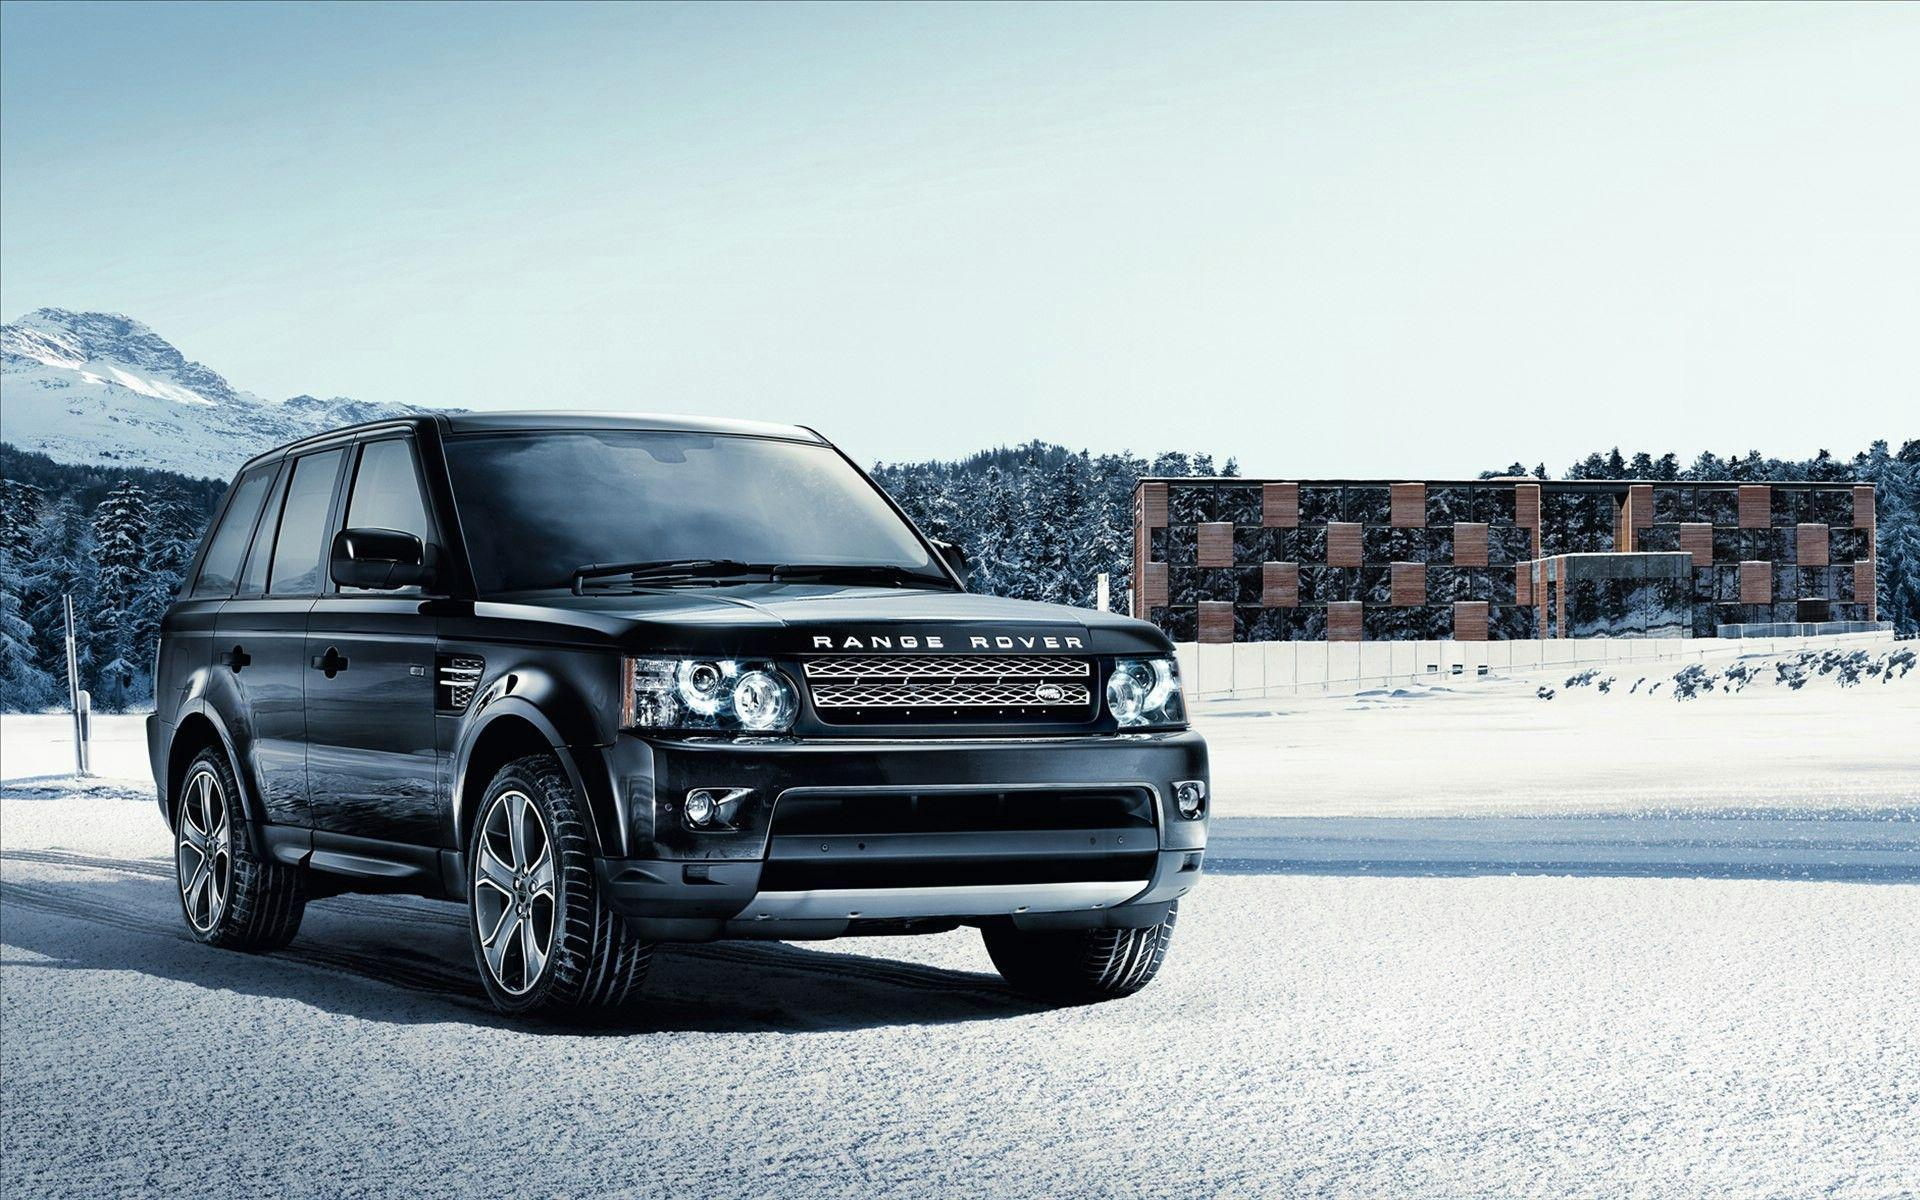 Range Rover Sport Black Wallpaper: Range Rover Sport Wallpapers